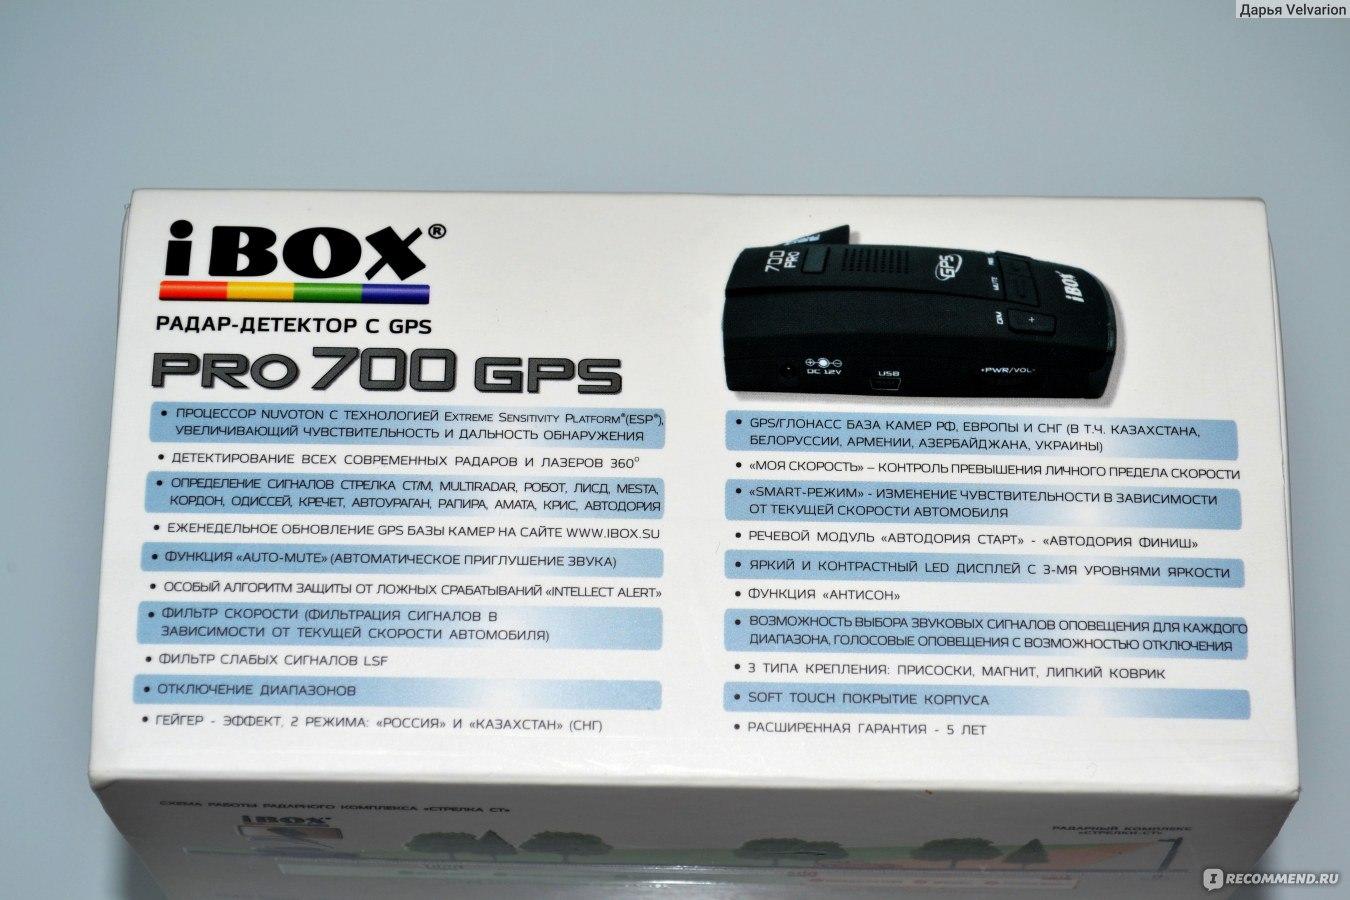 ibox pro-700 инструкция на русском языке скачать